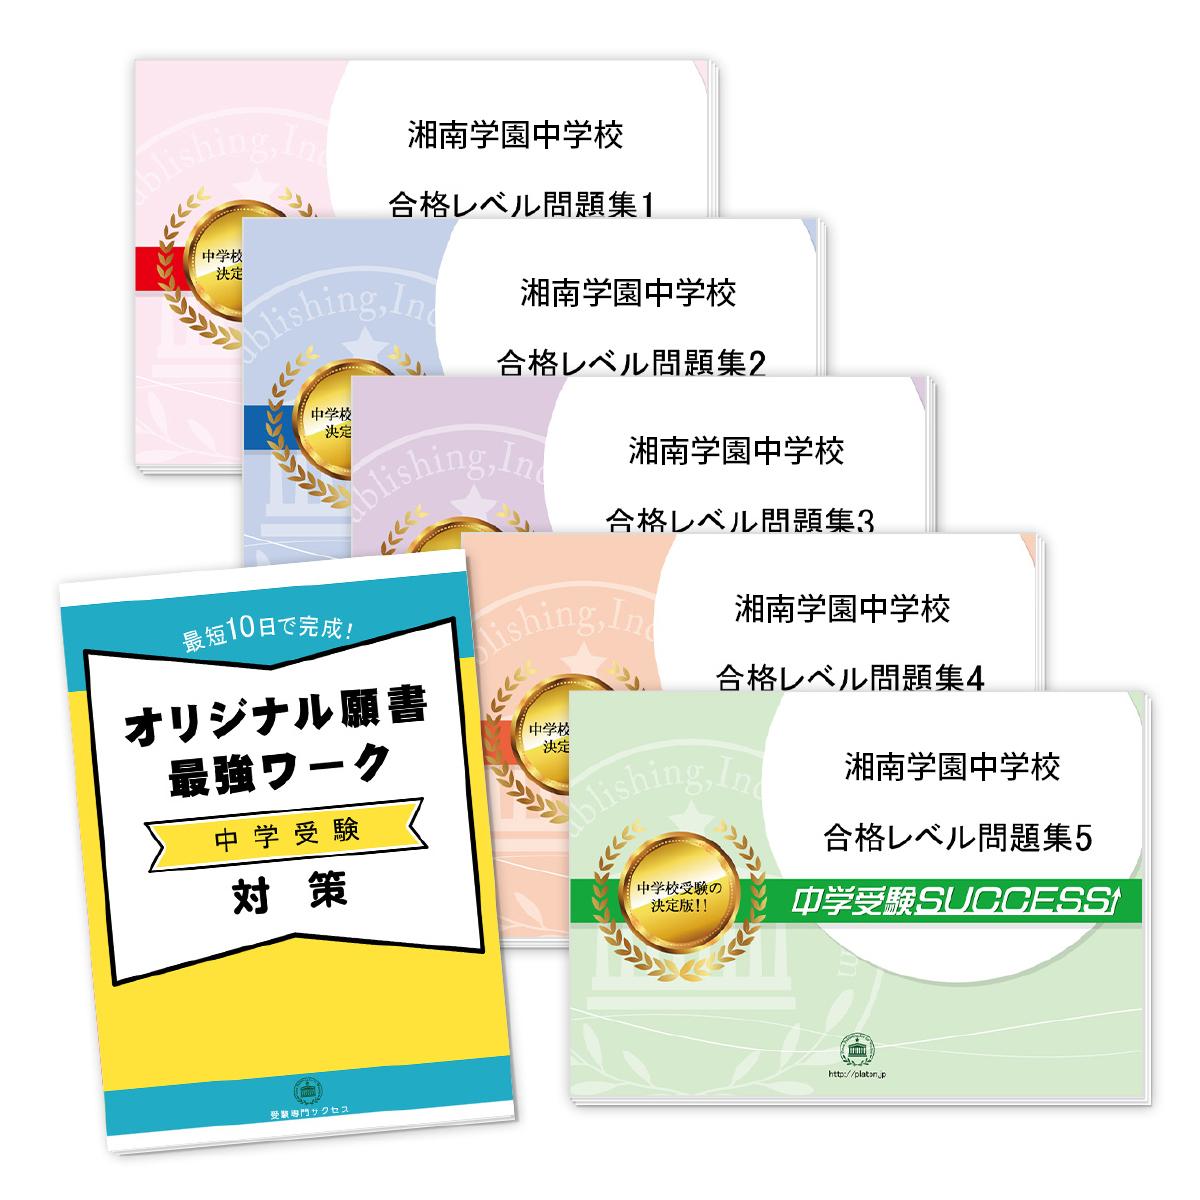 ◇限定Special Price 送料 代引手数料無料 湘南学園中学校 5冊 直前対策合格セット オリジナル願書最強ワーク 格安 価格でご提供いたします